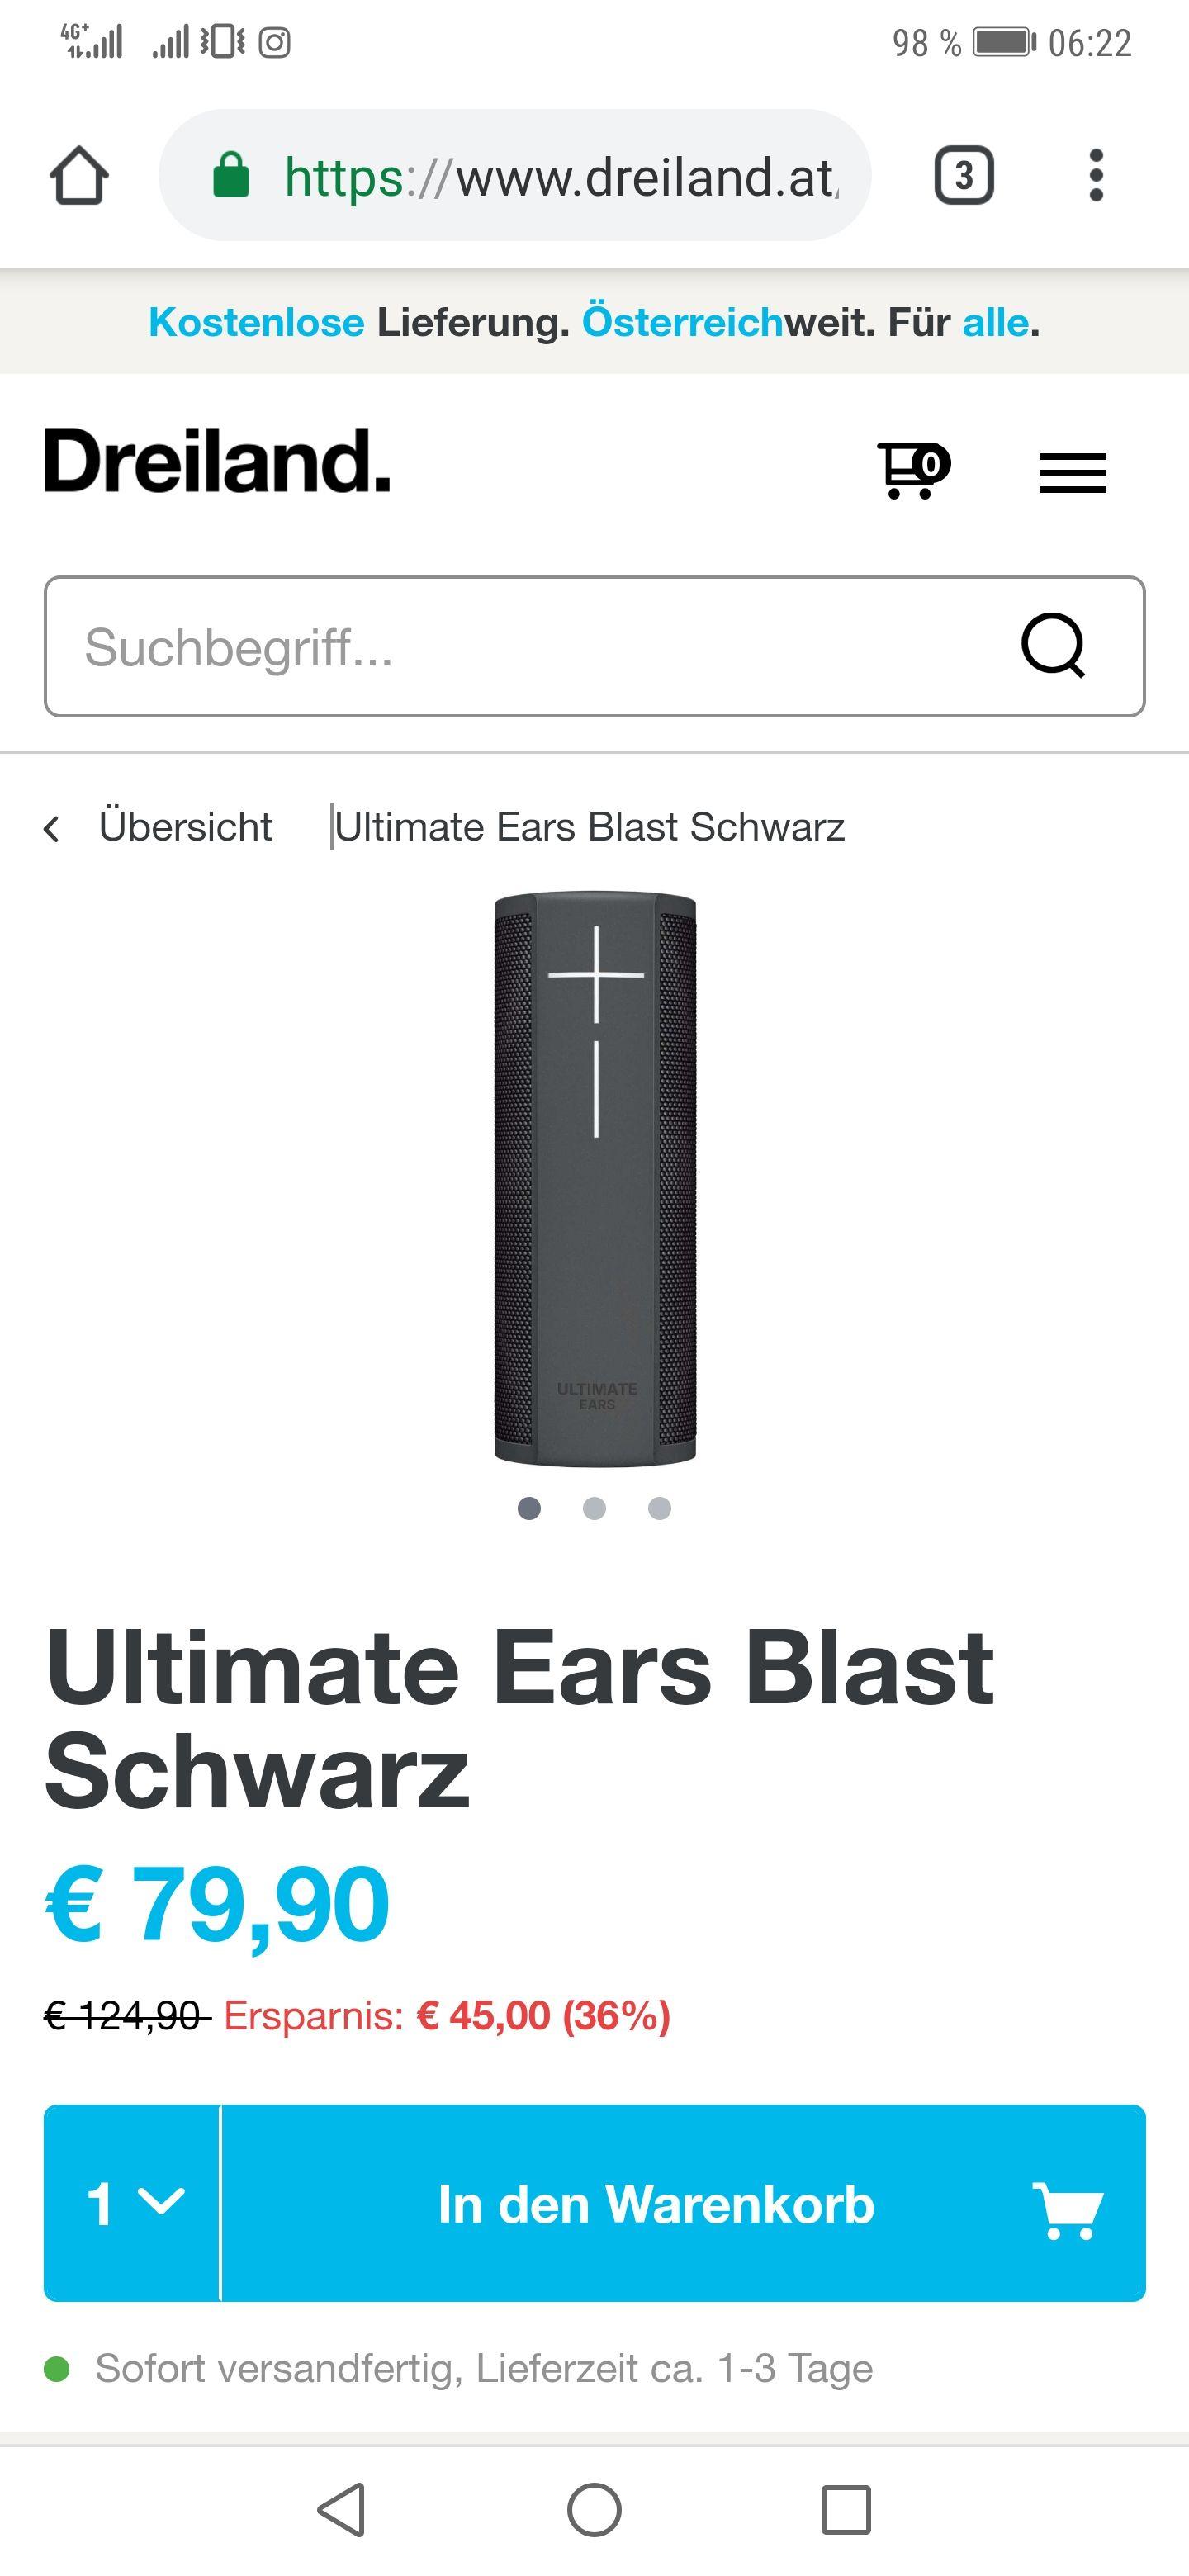 Ultimate Ears Blast Schwarz